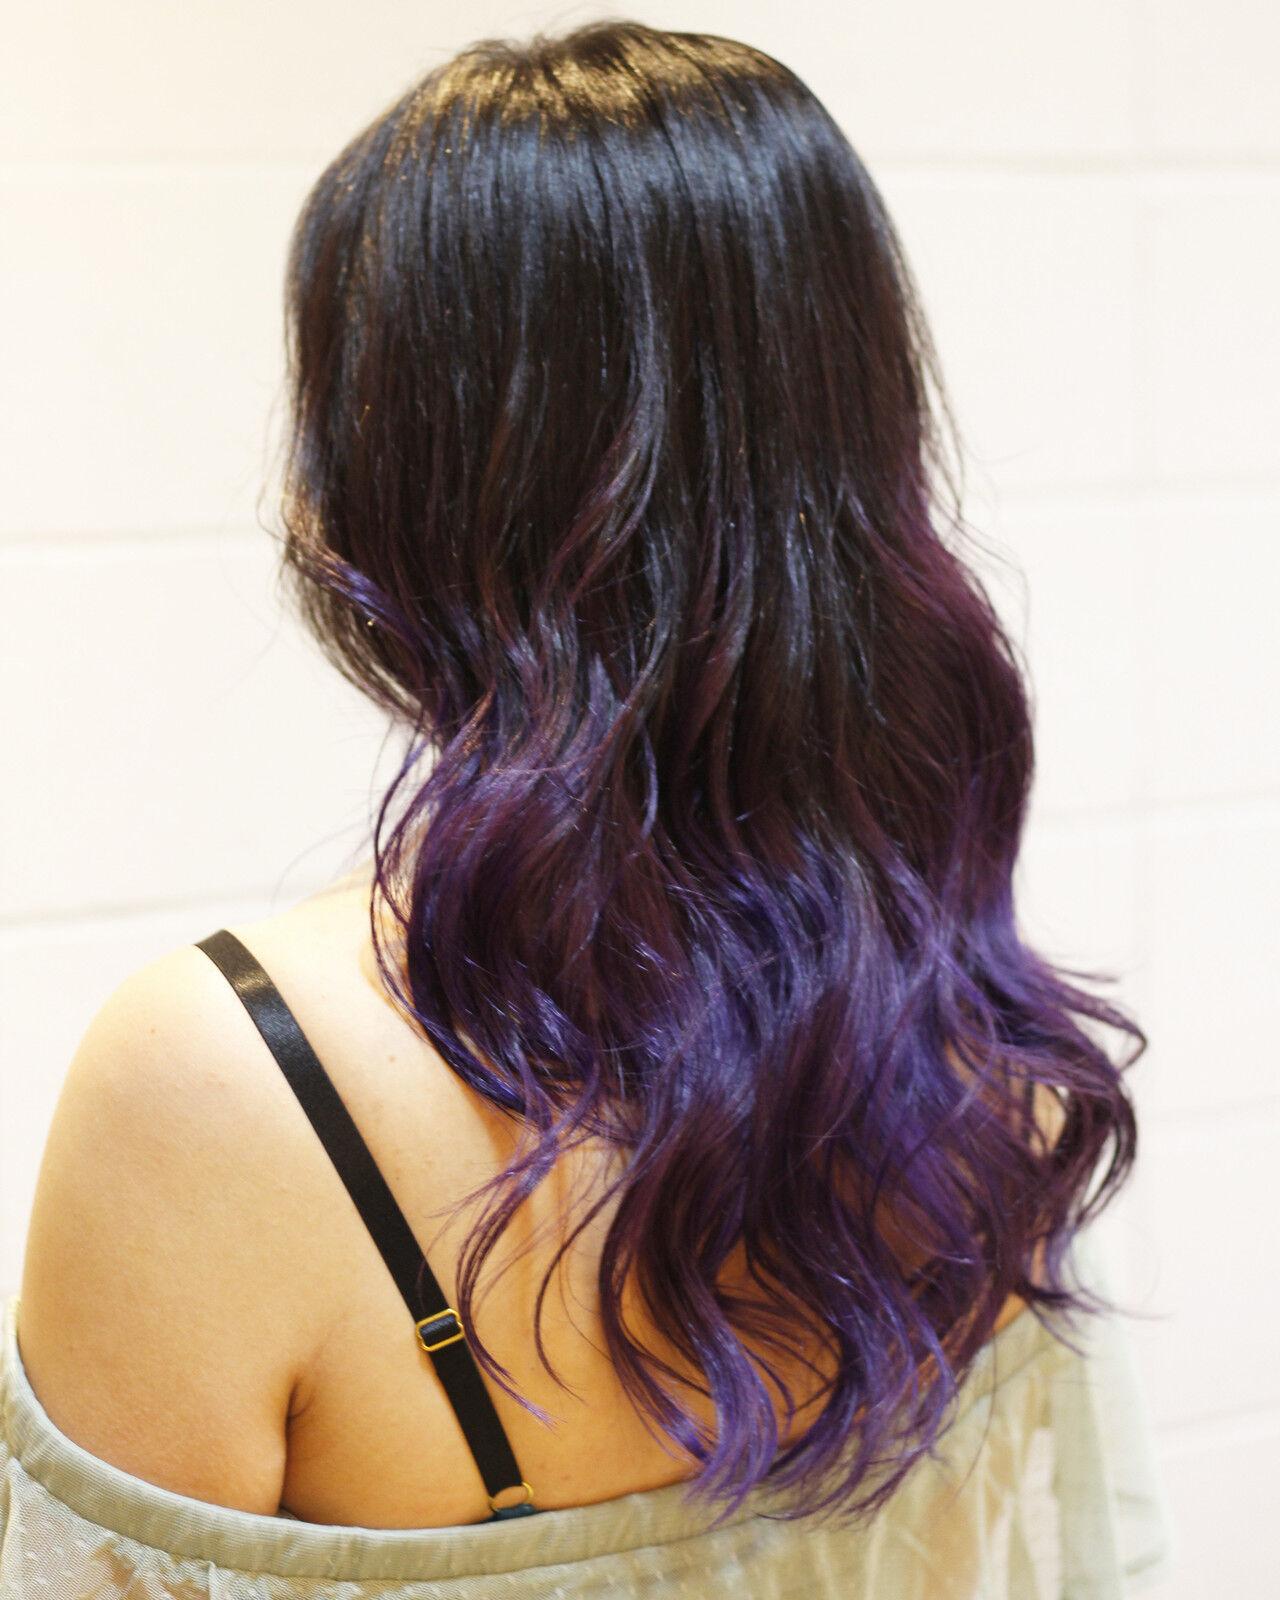 フェミニン グラデーションカラー ロング ブリーチカラーヘアスタイルや髪型の写真・画像